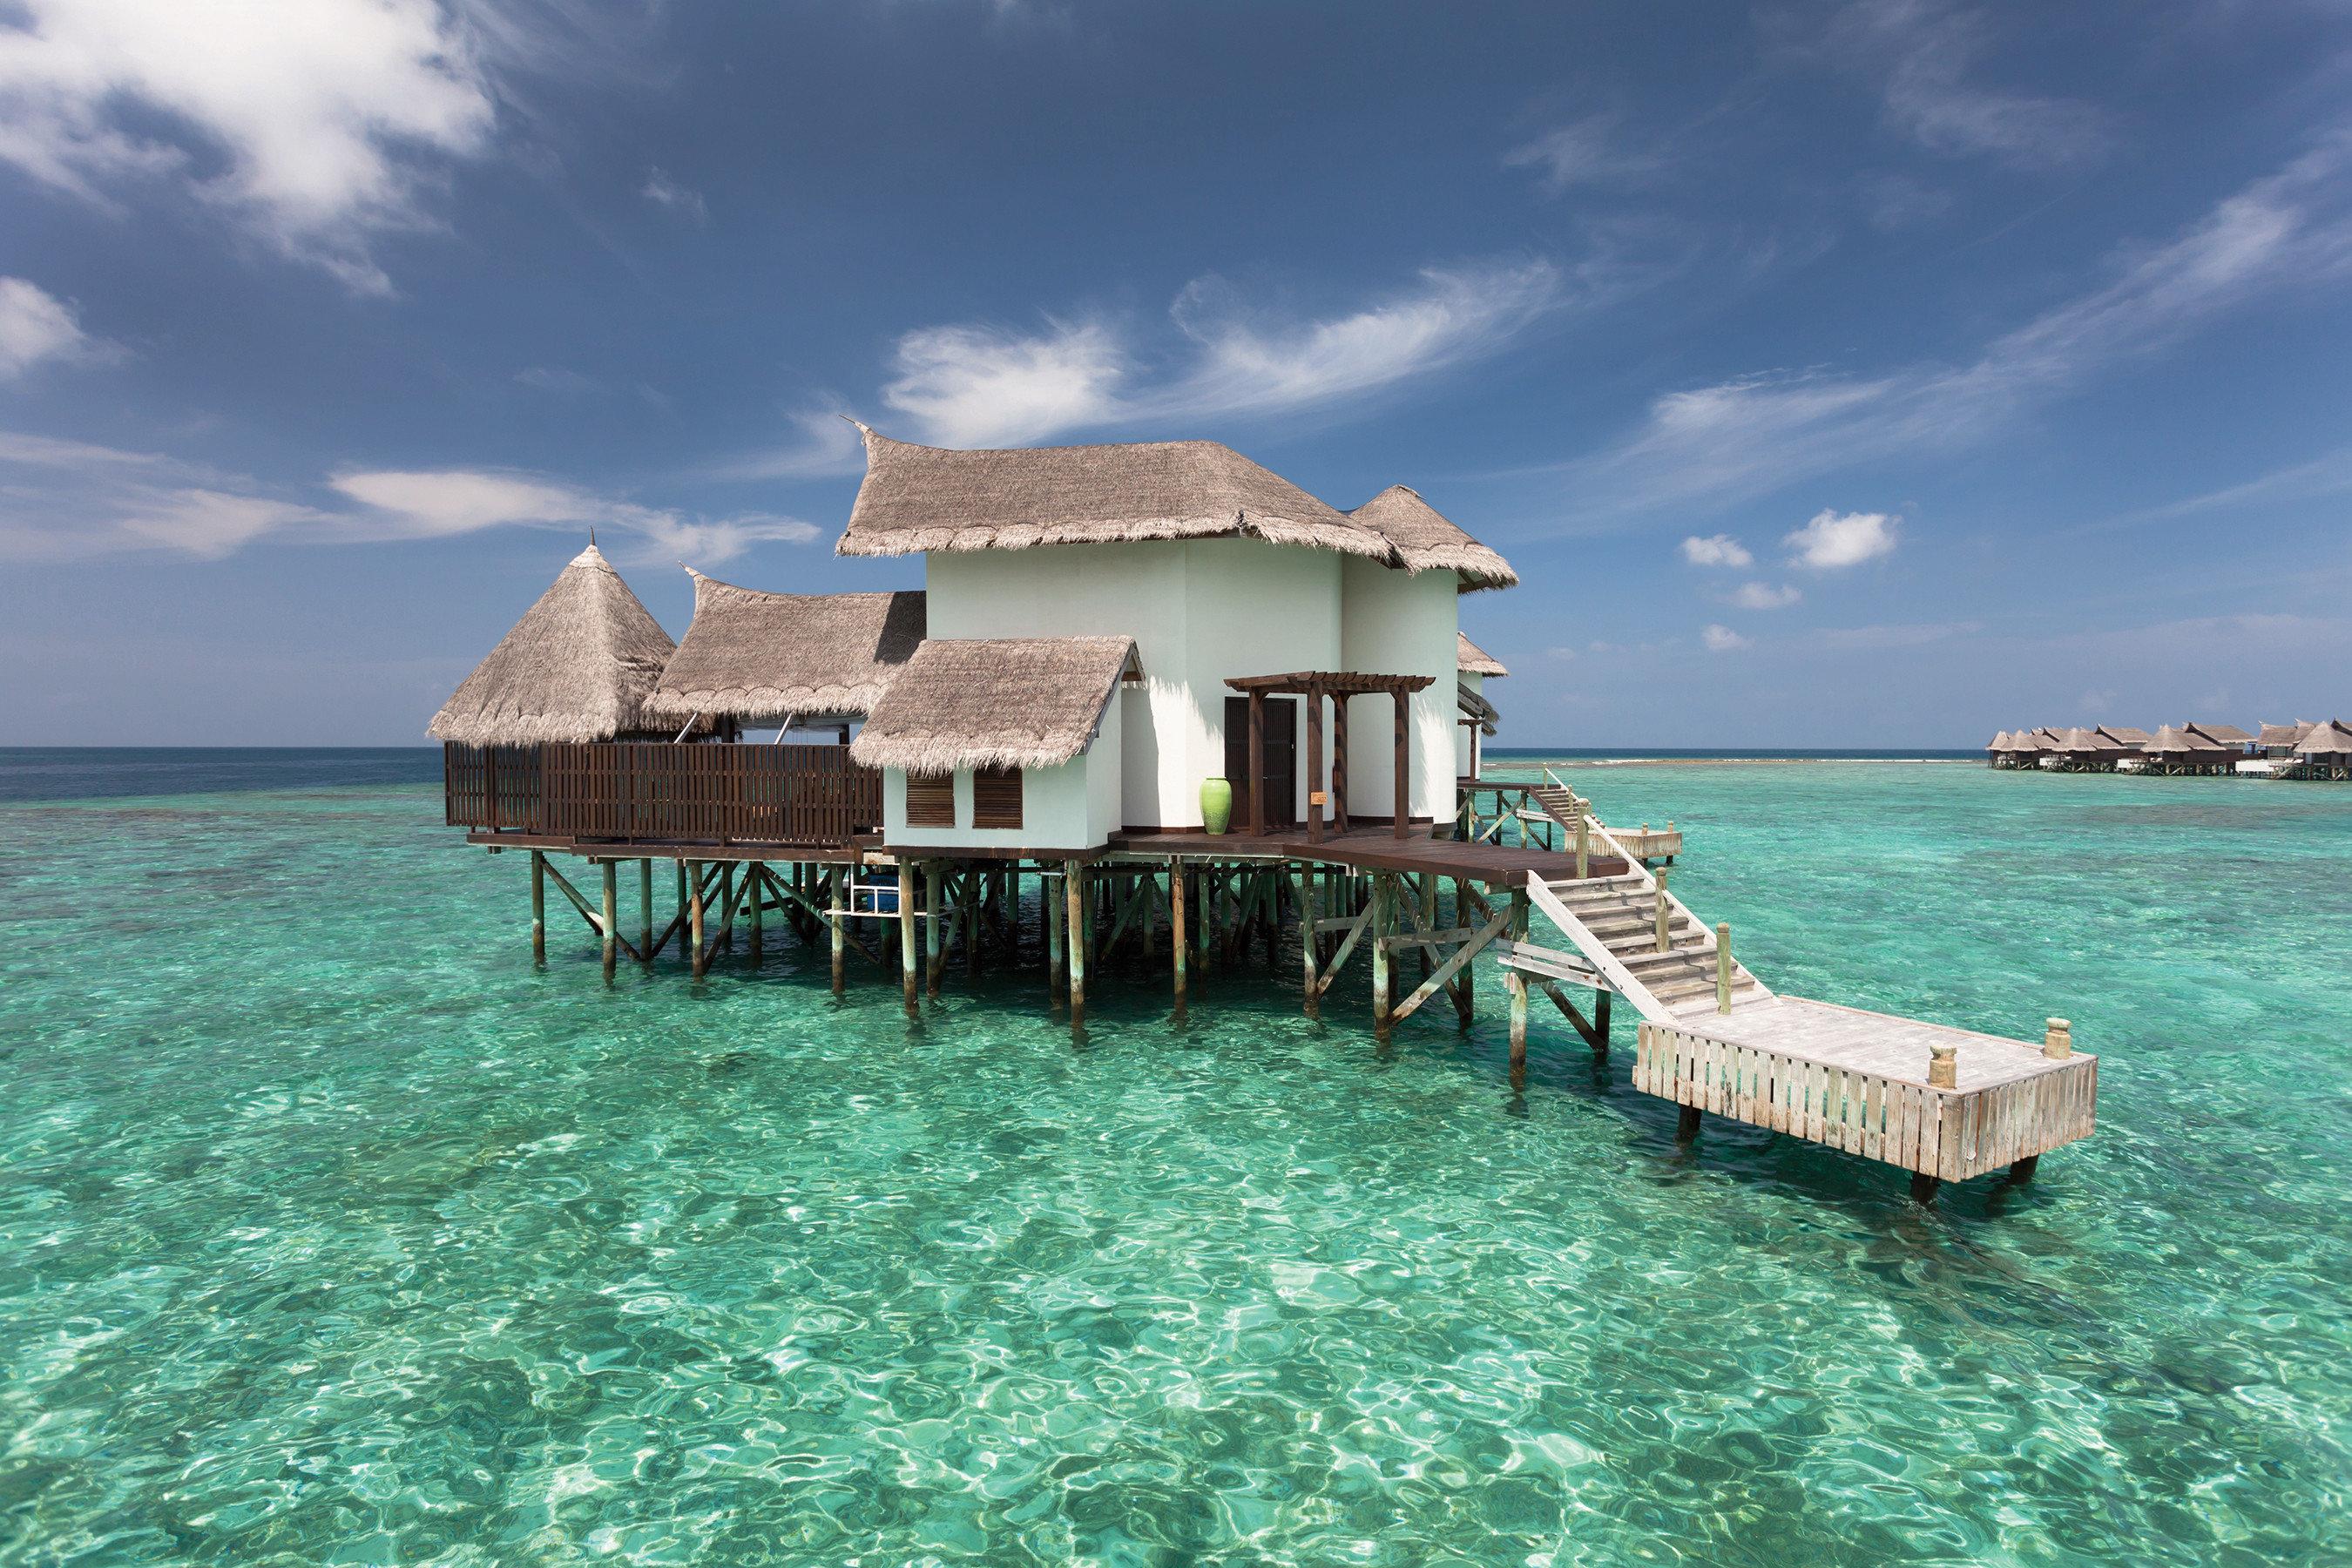 sky water Sea Ocean caribbean Coast Beach shore Resort Island Lagoon cape swimming pool cove